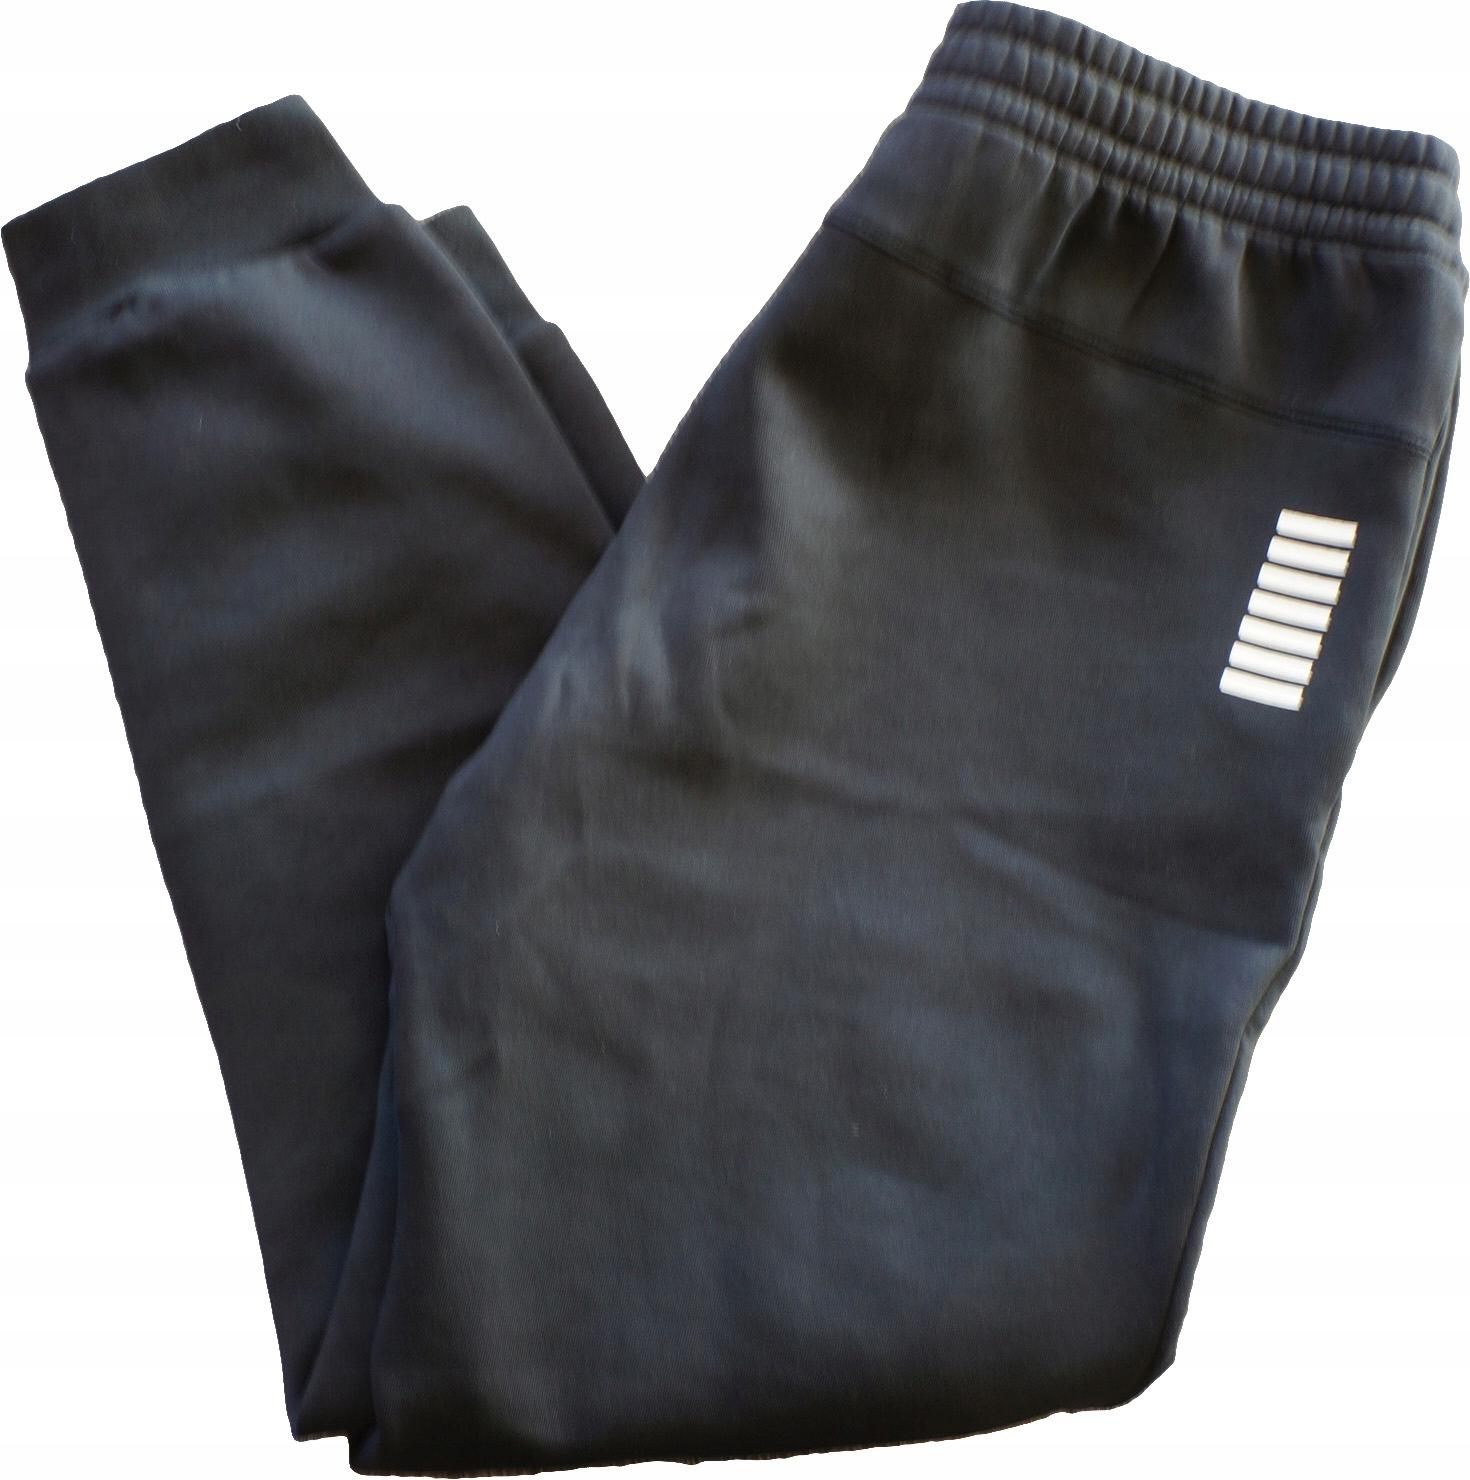 ARMANI spodnie dresowe XXL (Tylko teraz -50%!)